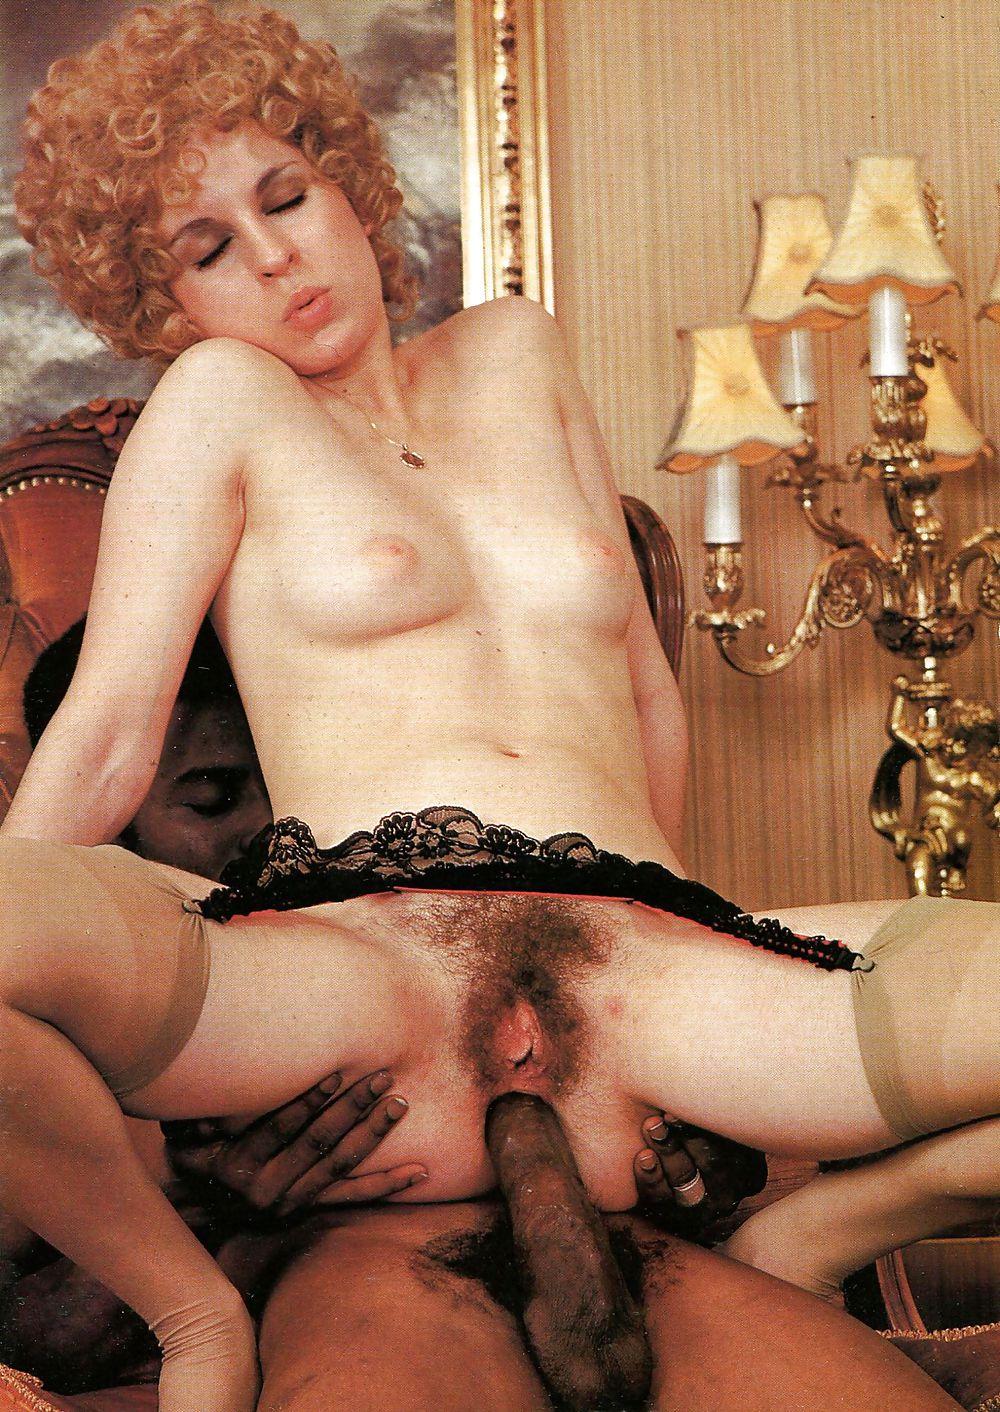 Фото для порножурнала, индивидуалки гор москва анал мбр